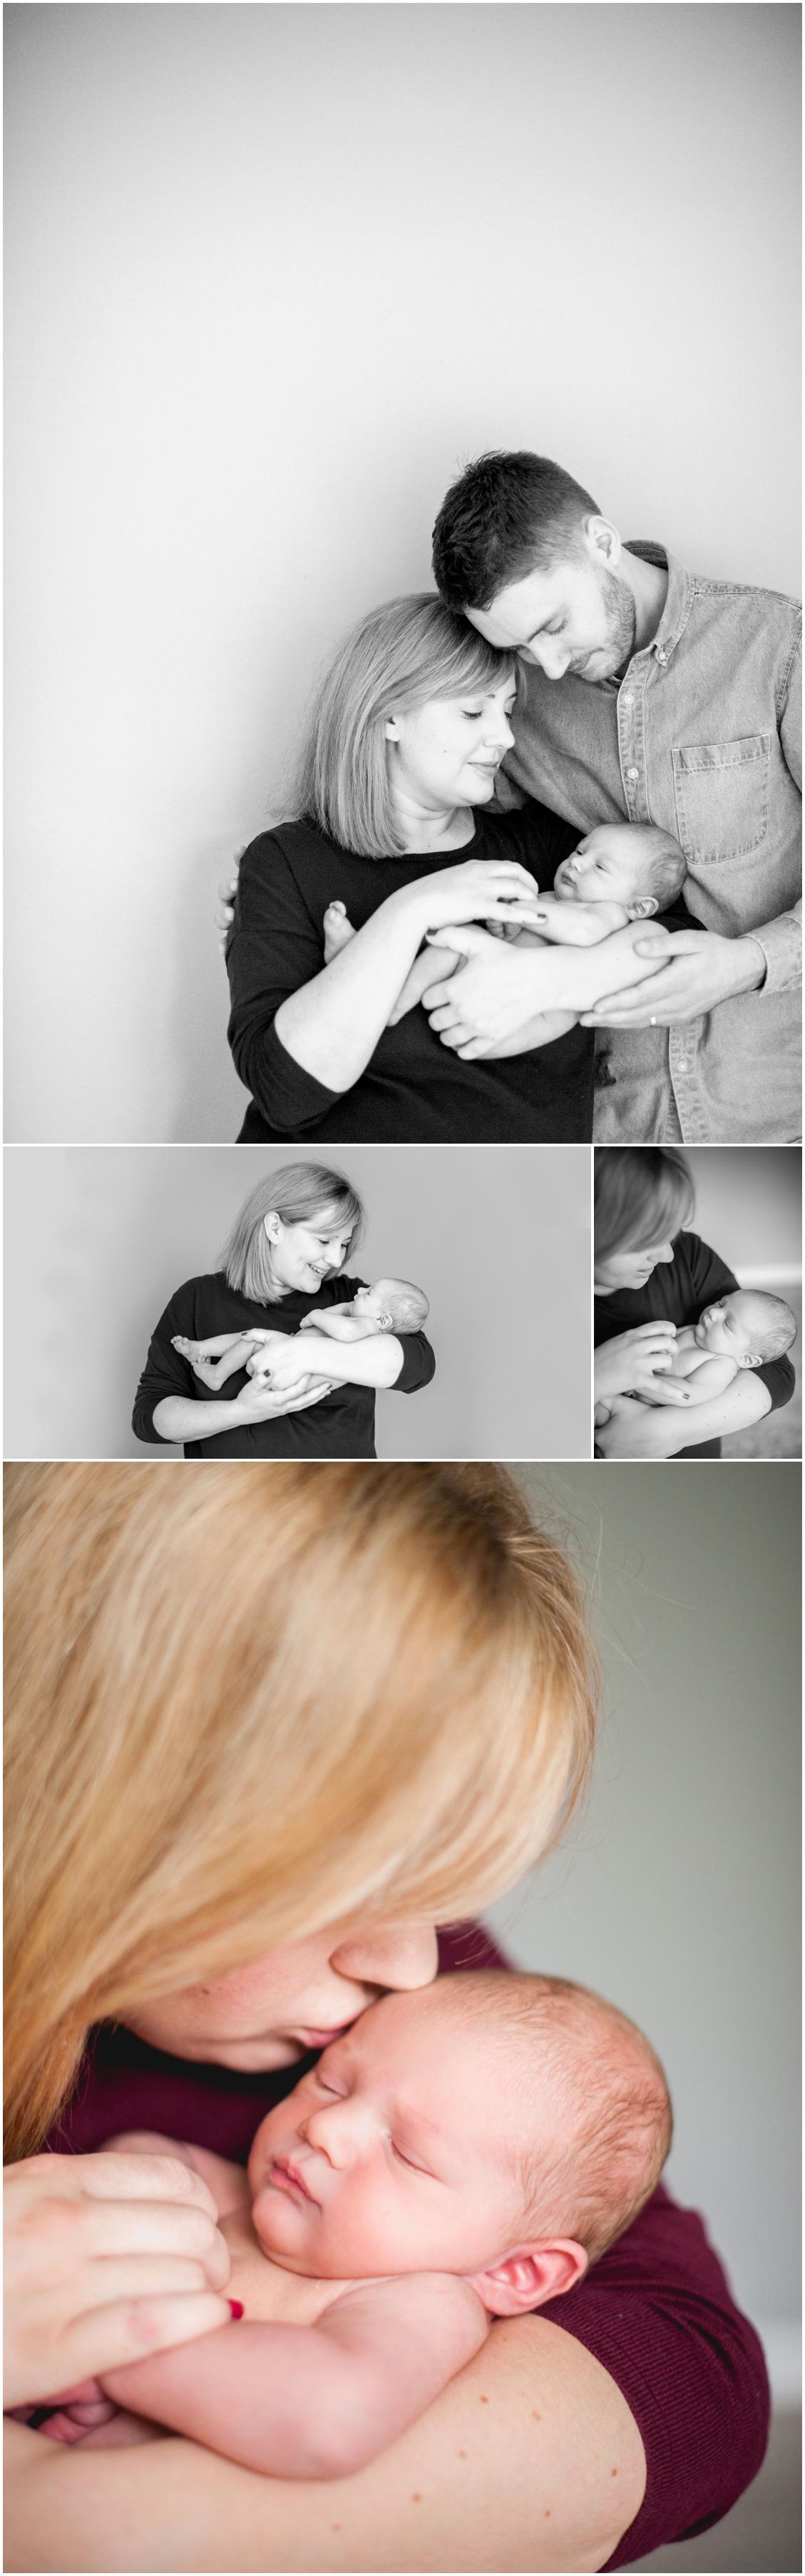 newborn photography, sutton coldfield, west midlands, baby